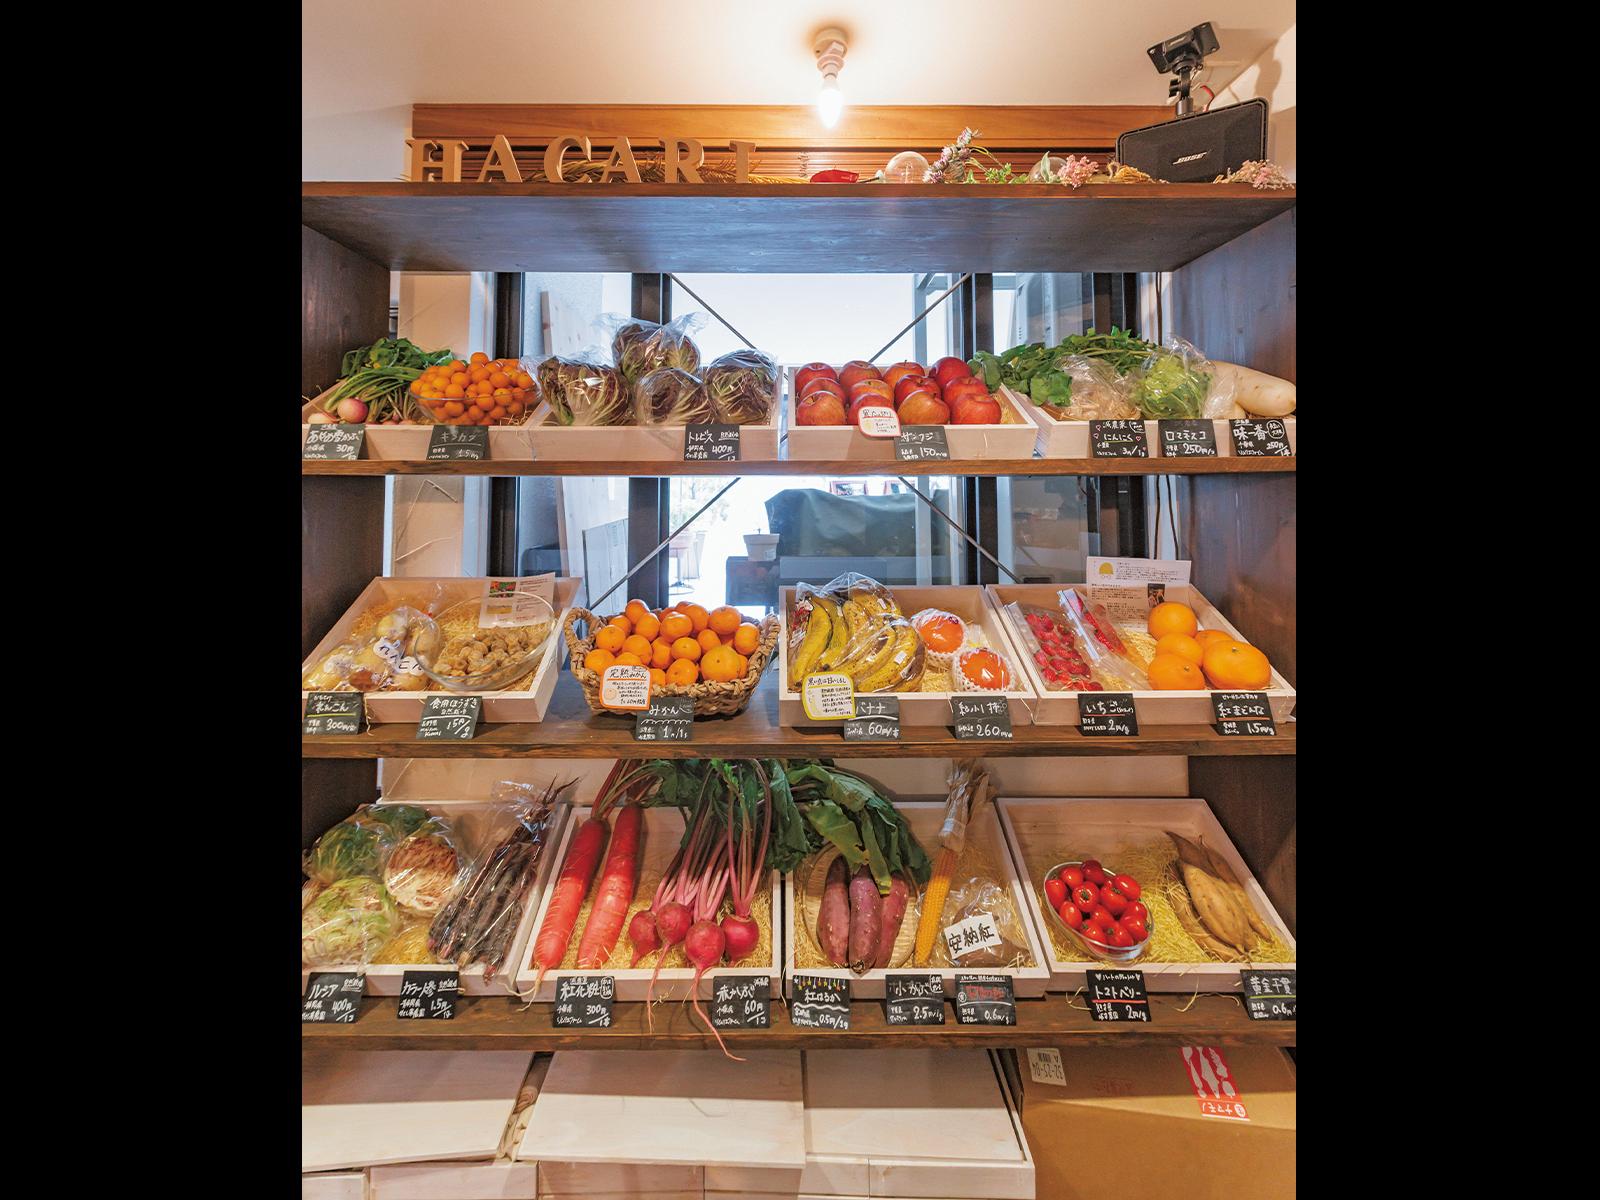 野菜棚には季節ごとの野菜や果物が約20種類並ぶ。